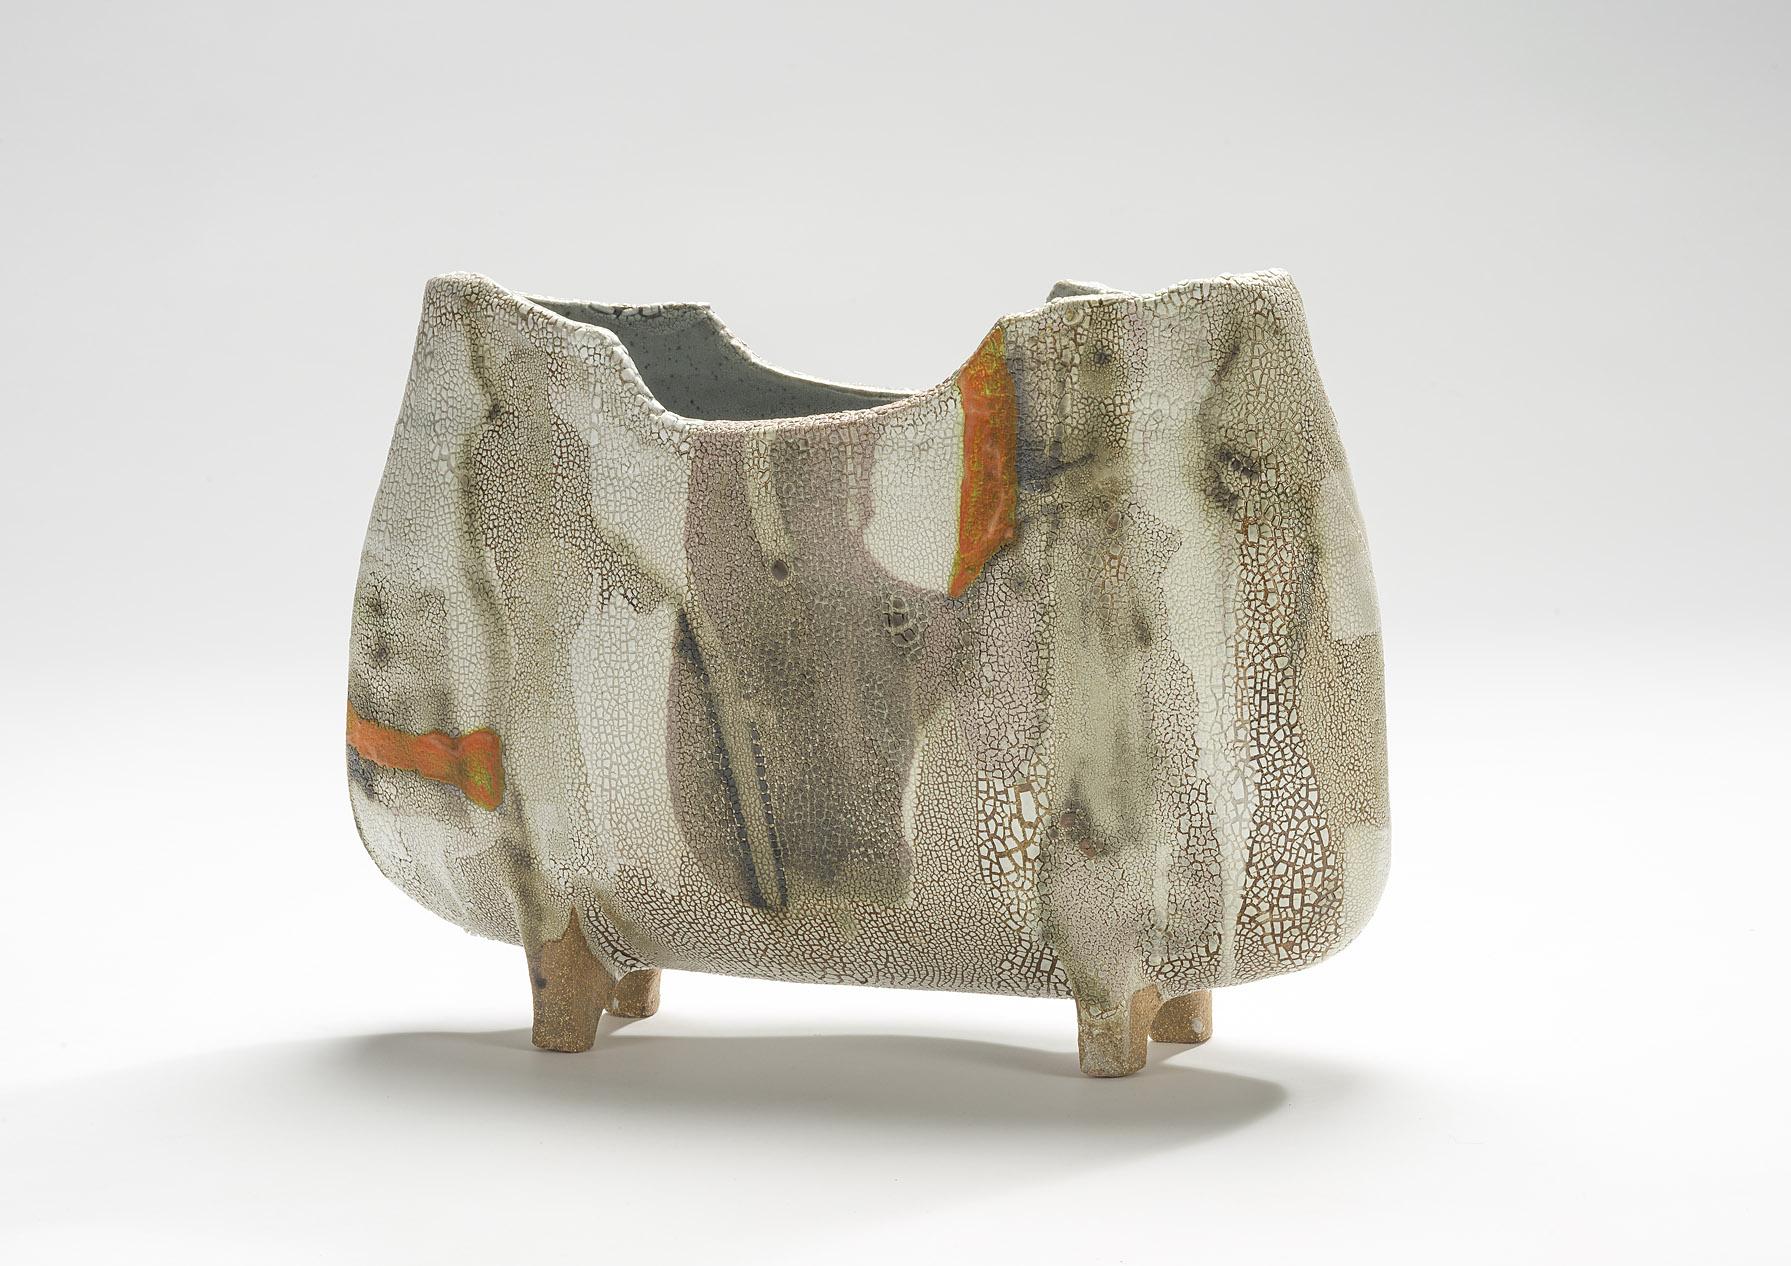 Ros Auld Ceramics